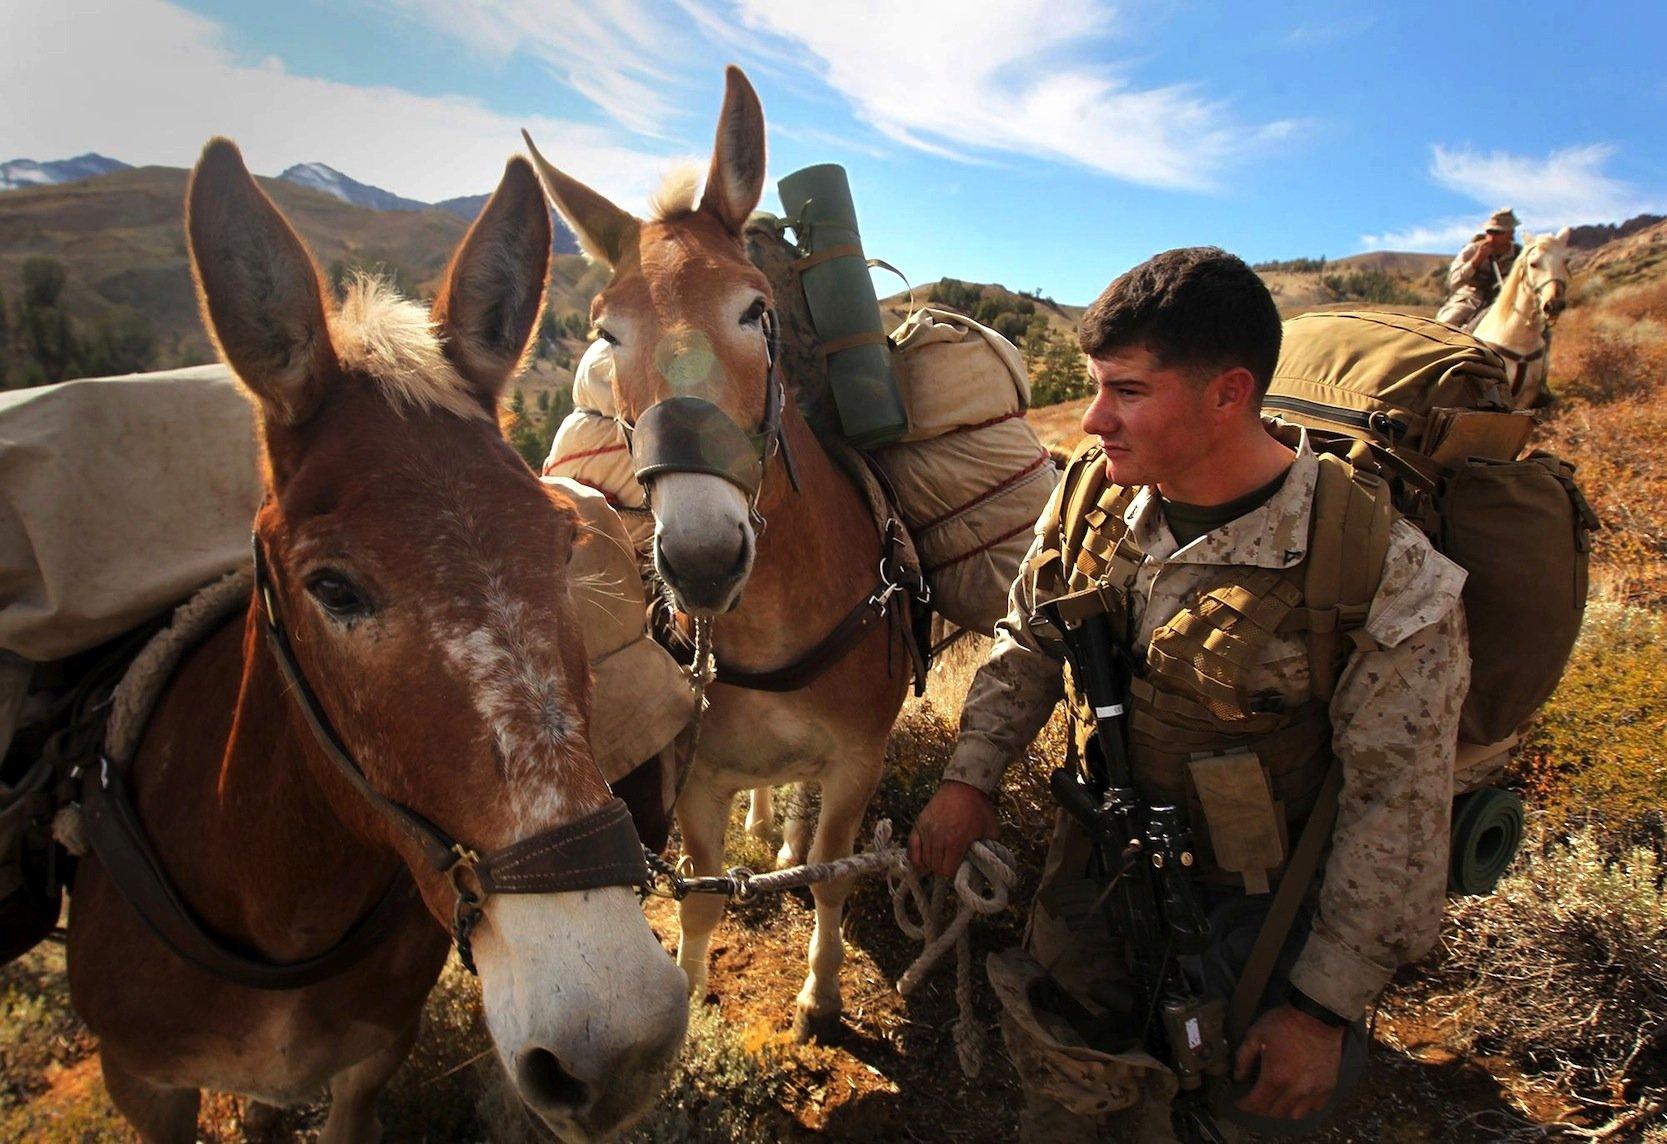 Mulis im Einsatz für die US Marines in Kalifornien: Die Tiere sind als Lastesel den Robotern der Google-Tochter Boston Dynamics haushoch überlegen. Vor allem sind sie viel leiser.